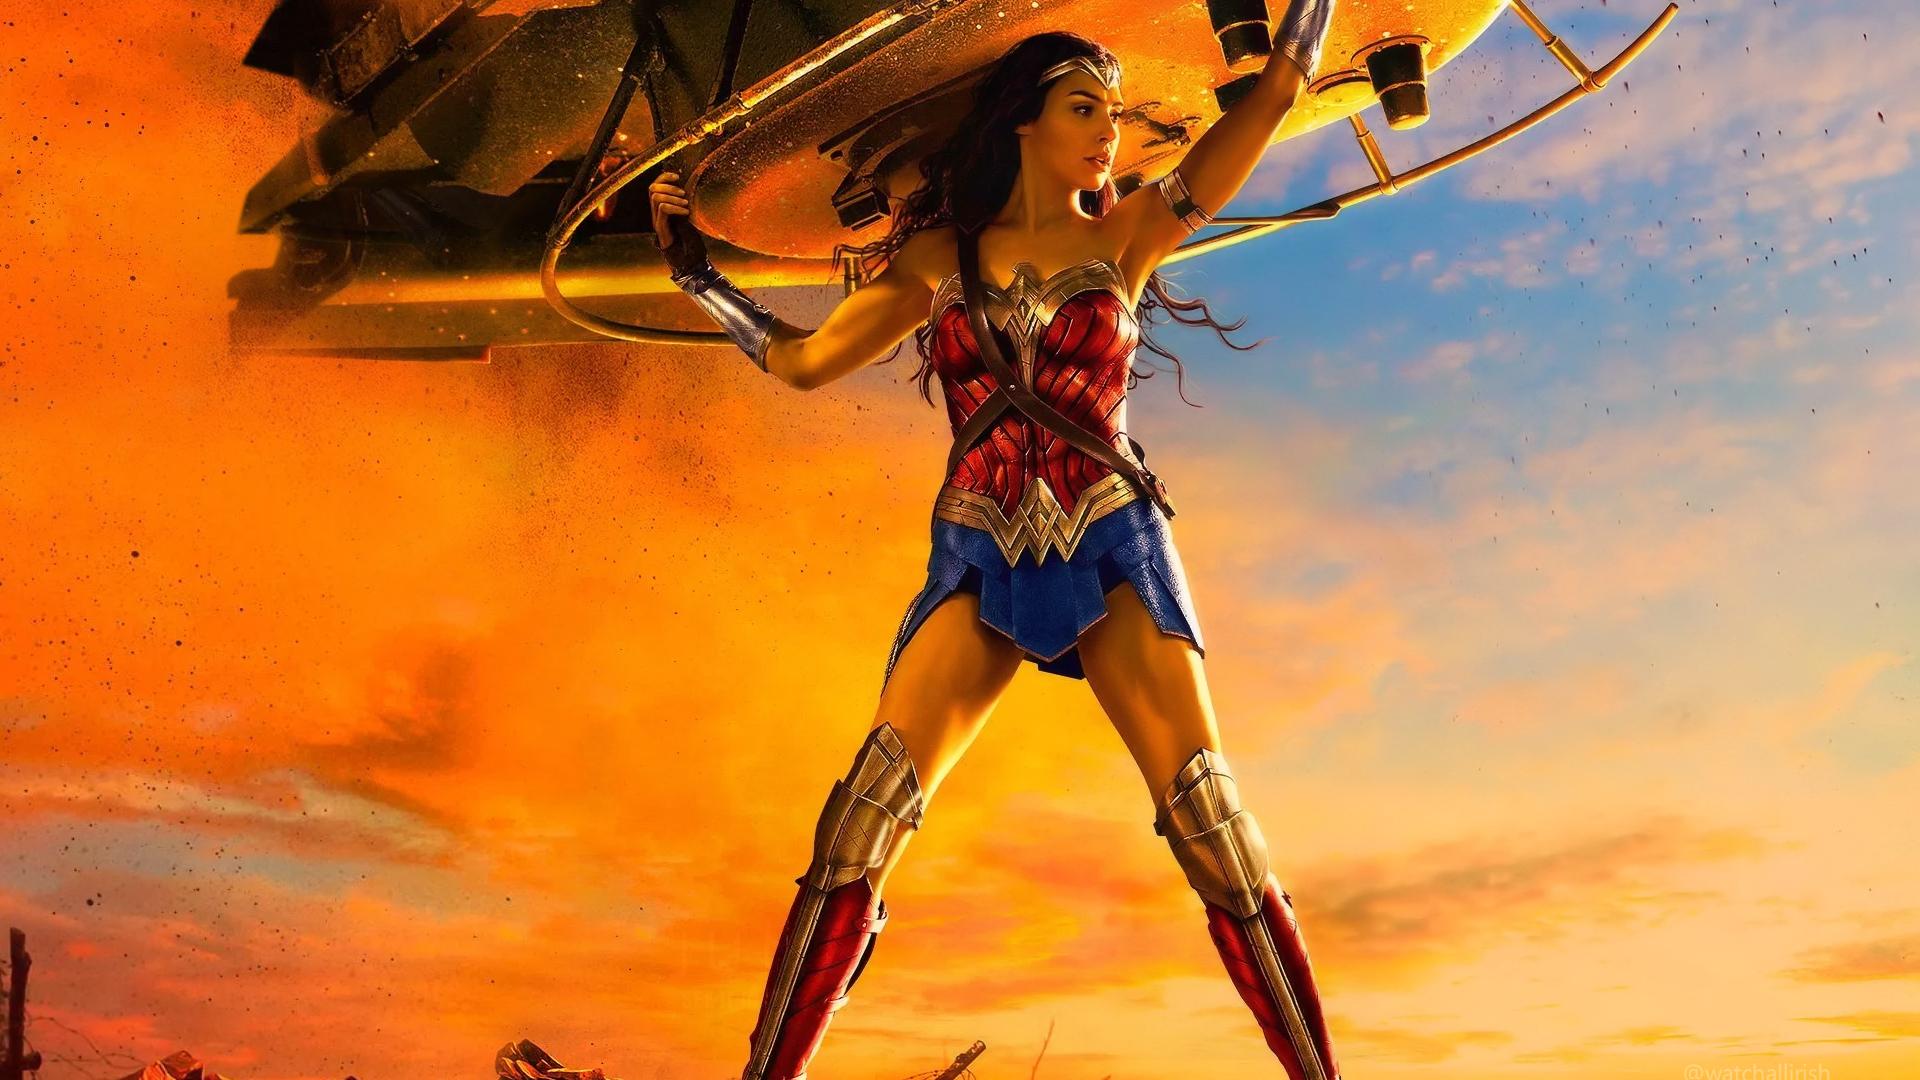 Wonder Woman By Watchall On Deviantart